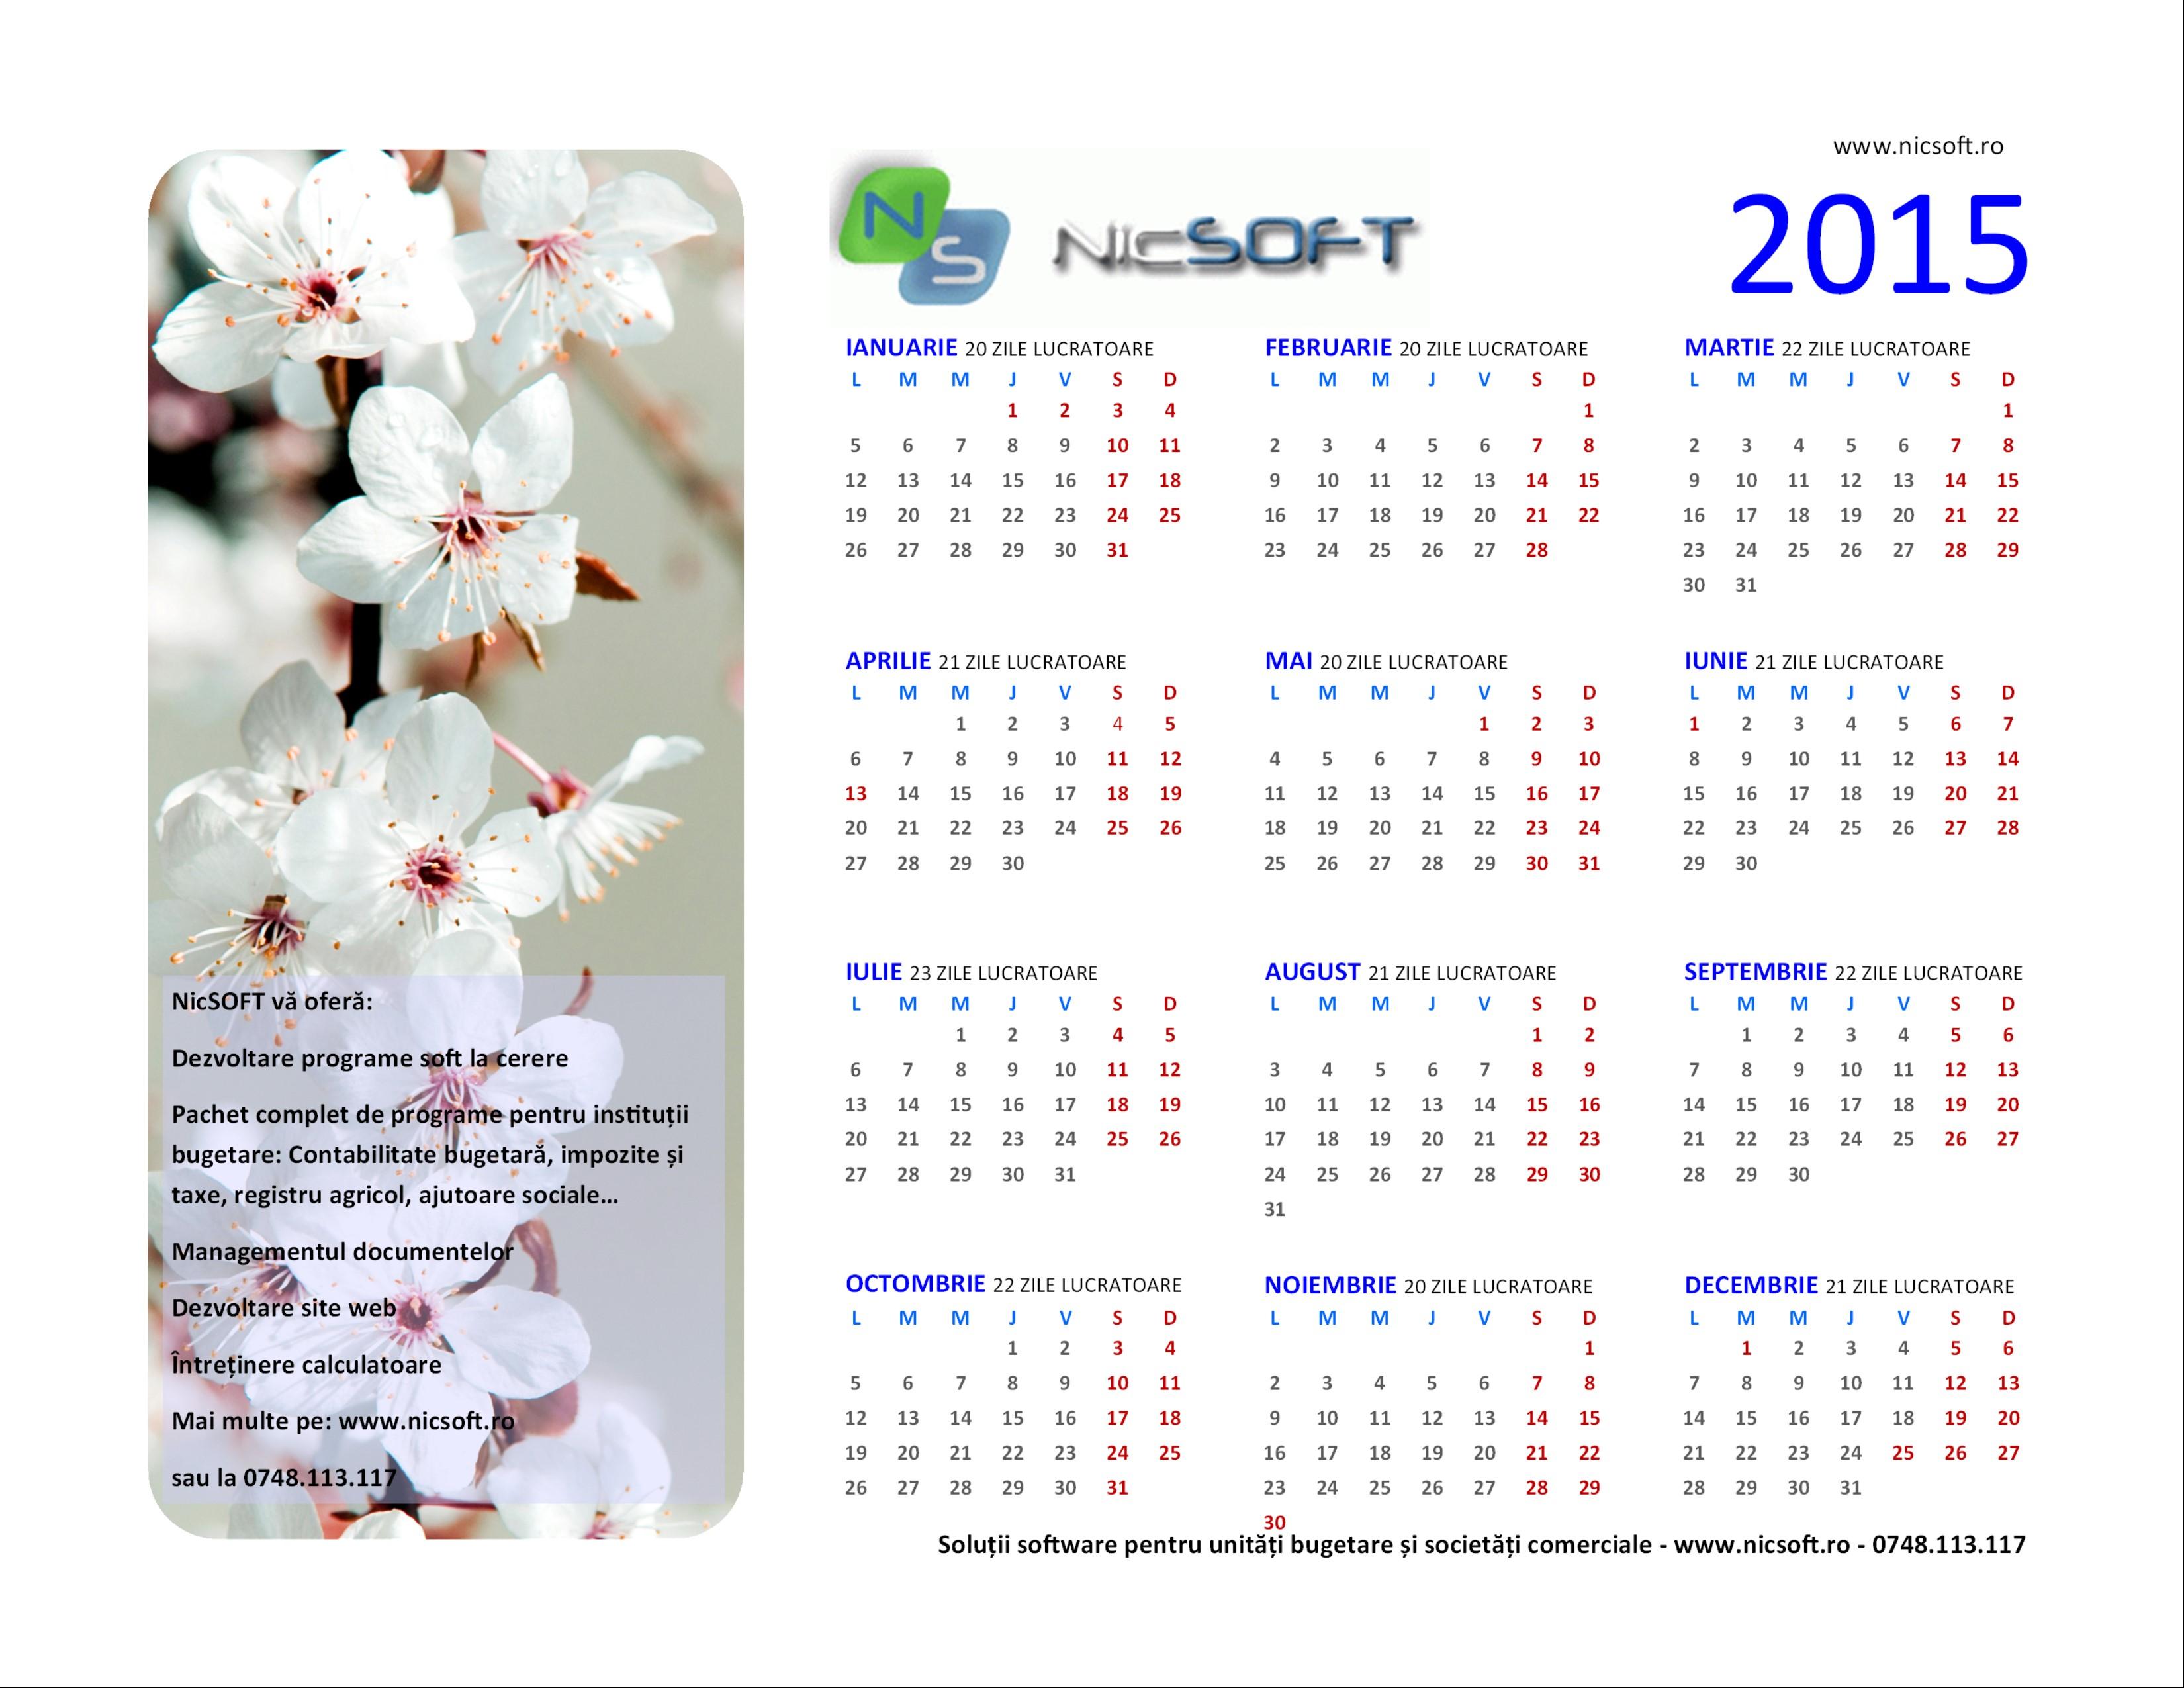 2015 20 zile lucratoare februarie 2015 20 zile lucratoare martie 2015 ...